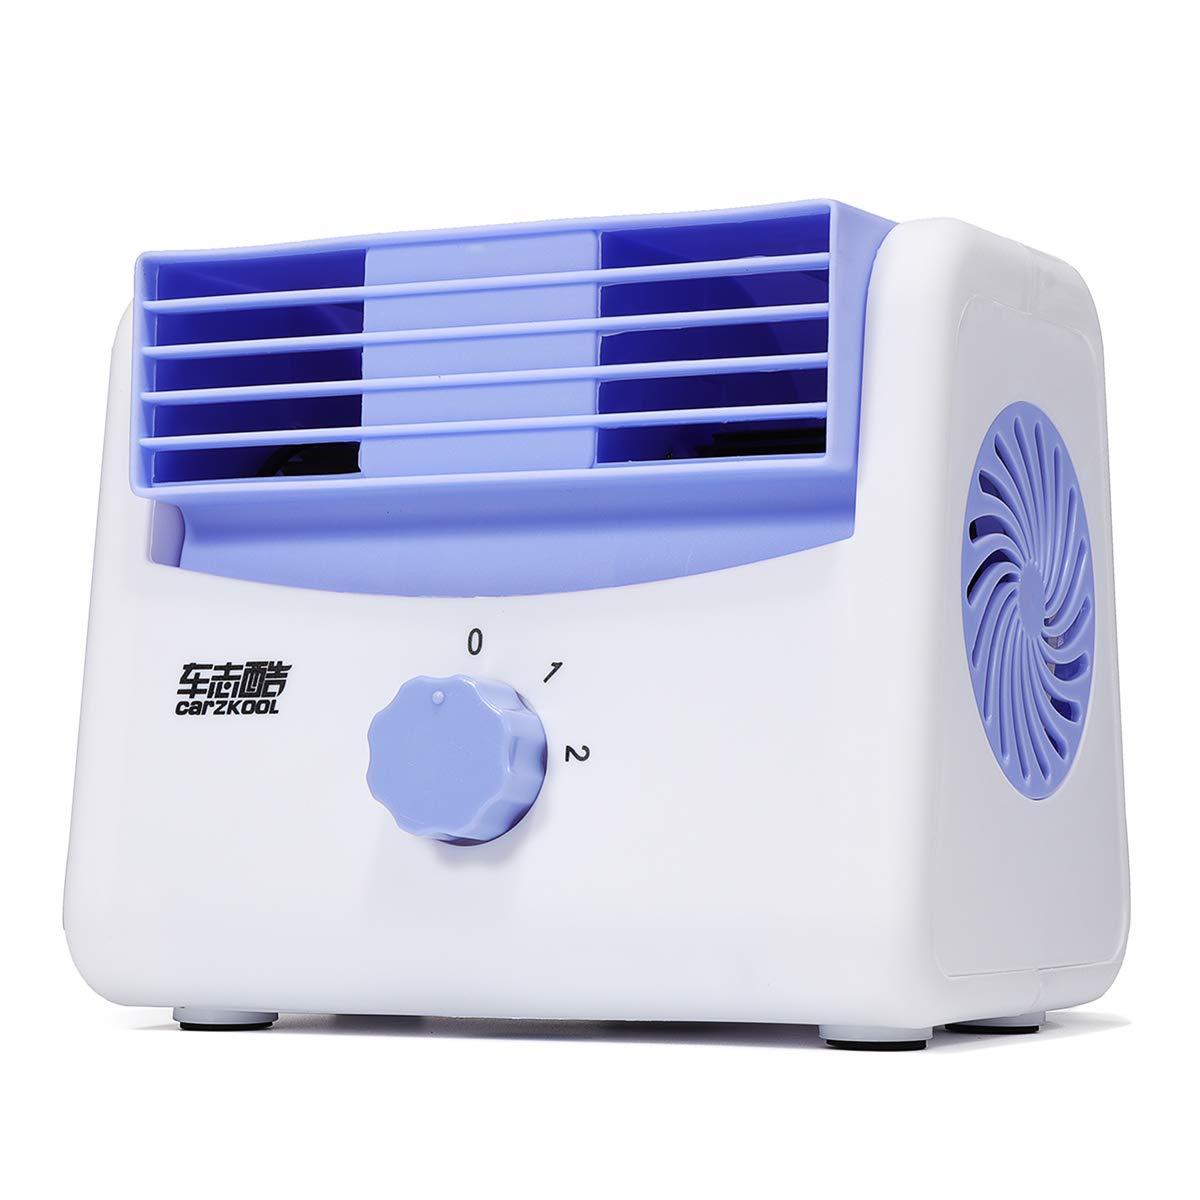 AAlamor Ventola di Raffreddamento Portatile Condizionatore d'Aria Bladeless Personal Cooler Spazio per Casa Ufficio Scrivania Auto 12V - 12V